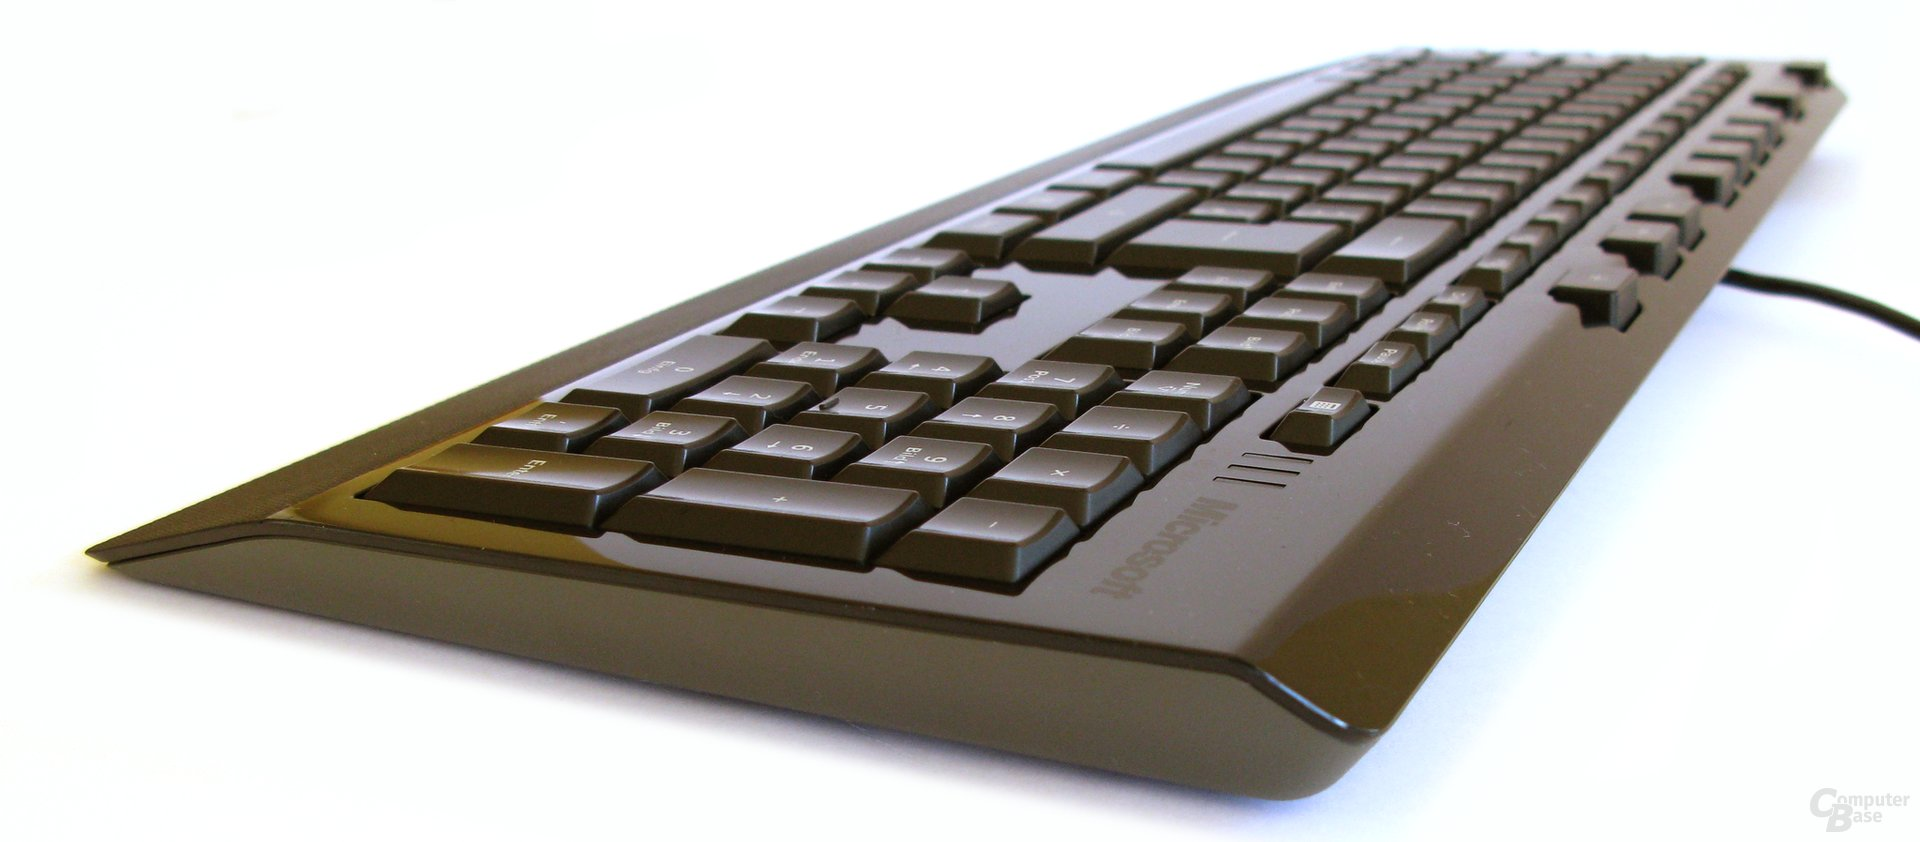 Profil der SideWinder X4